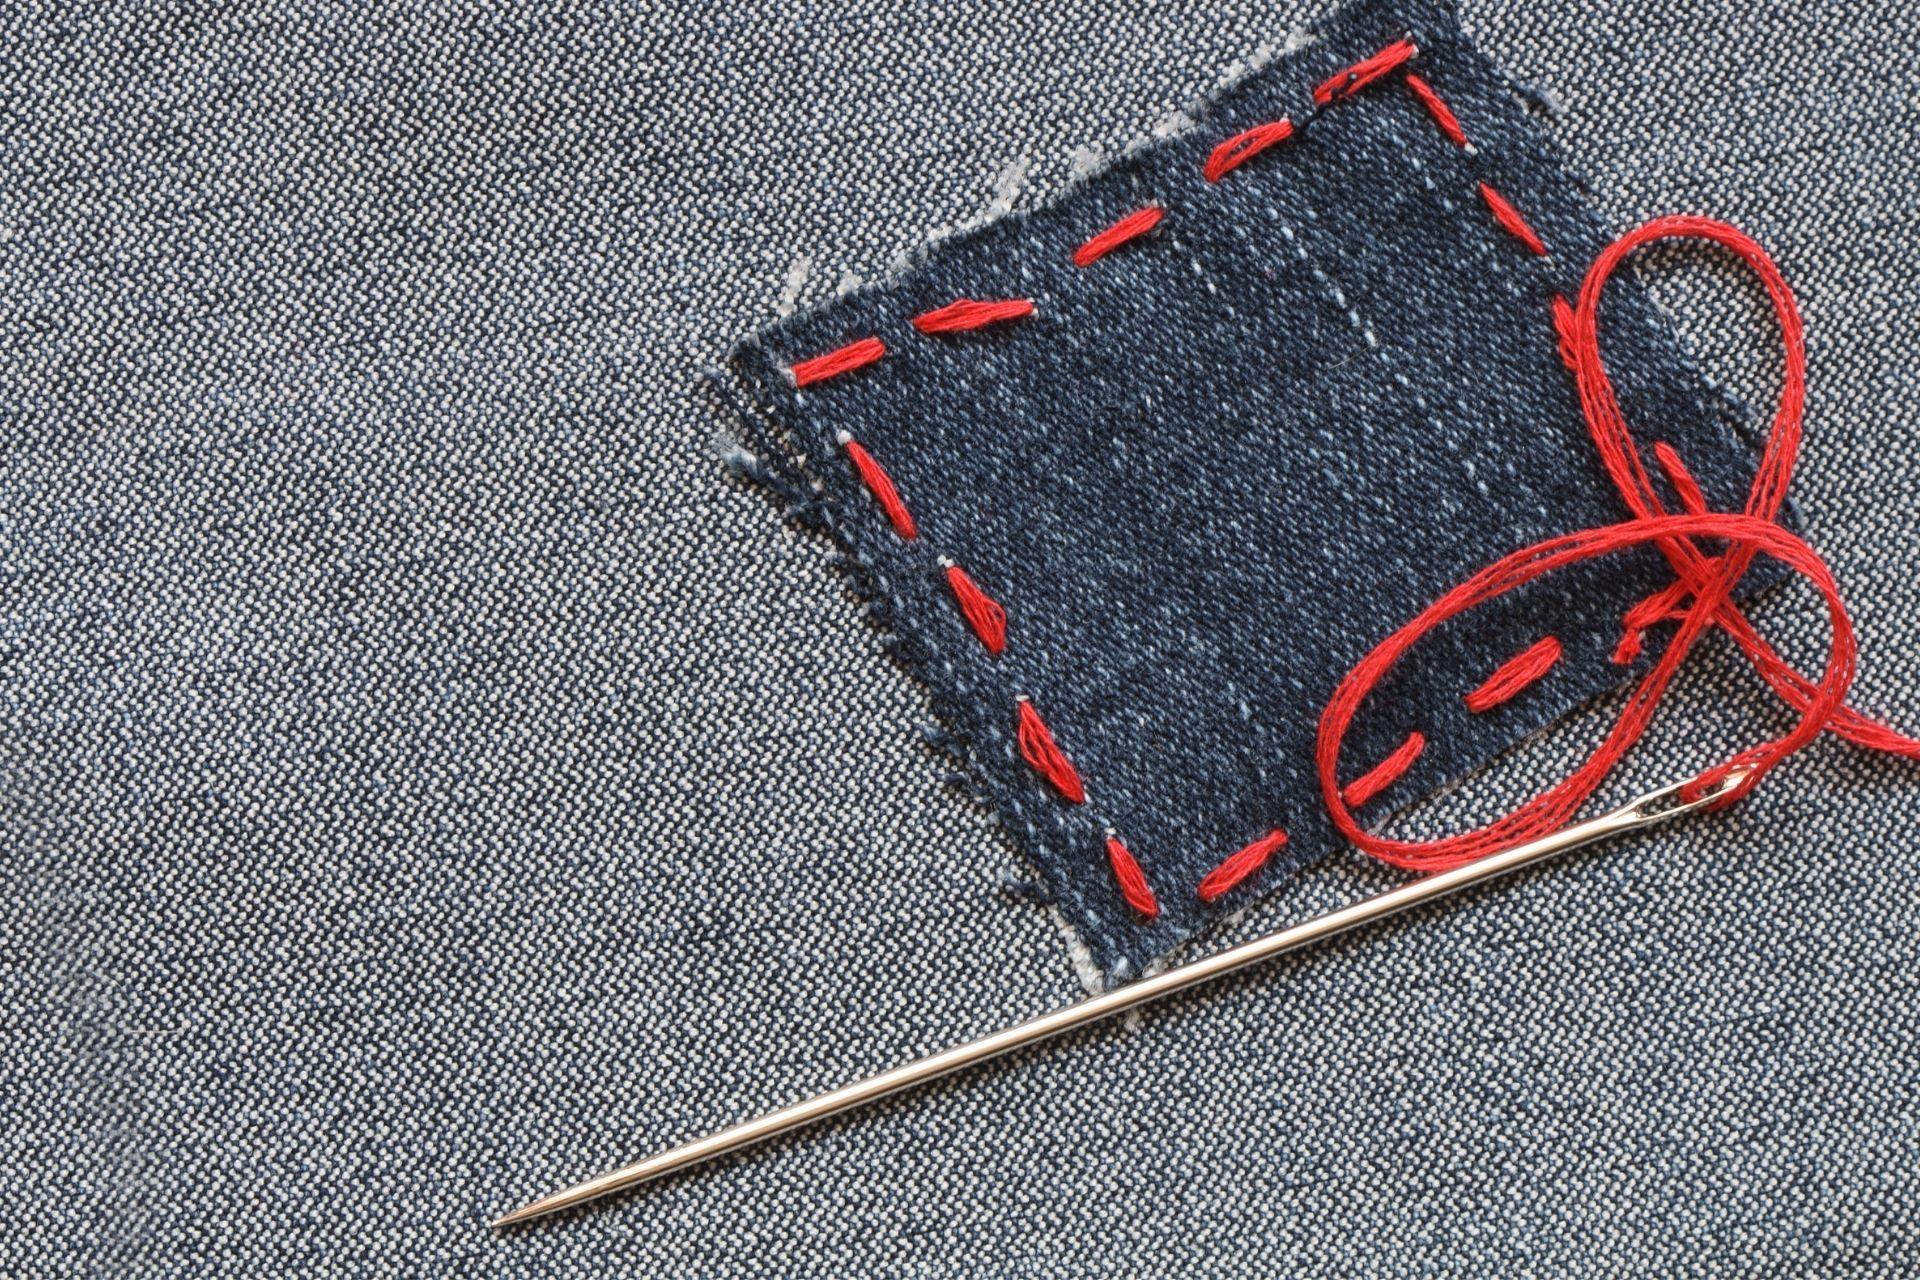 tkanina dżinsowa przeszyta czerwoną nicią